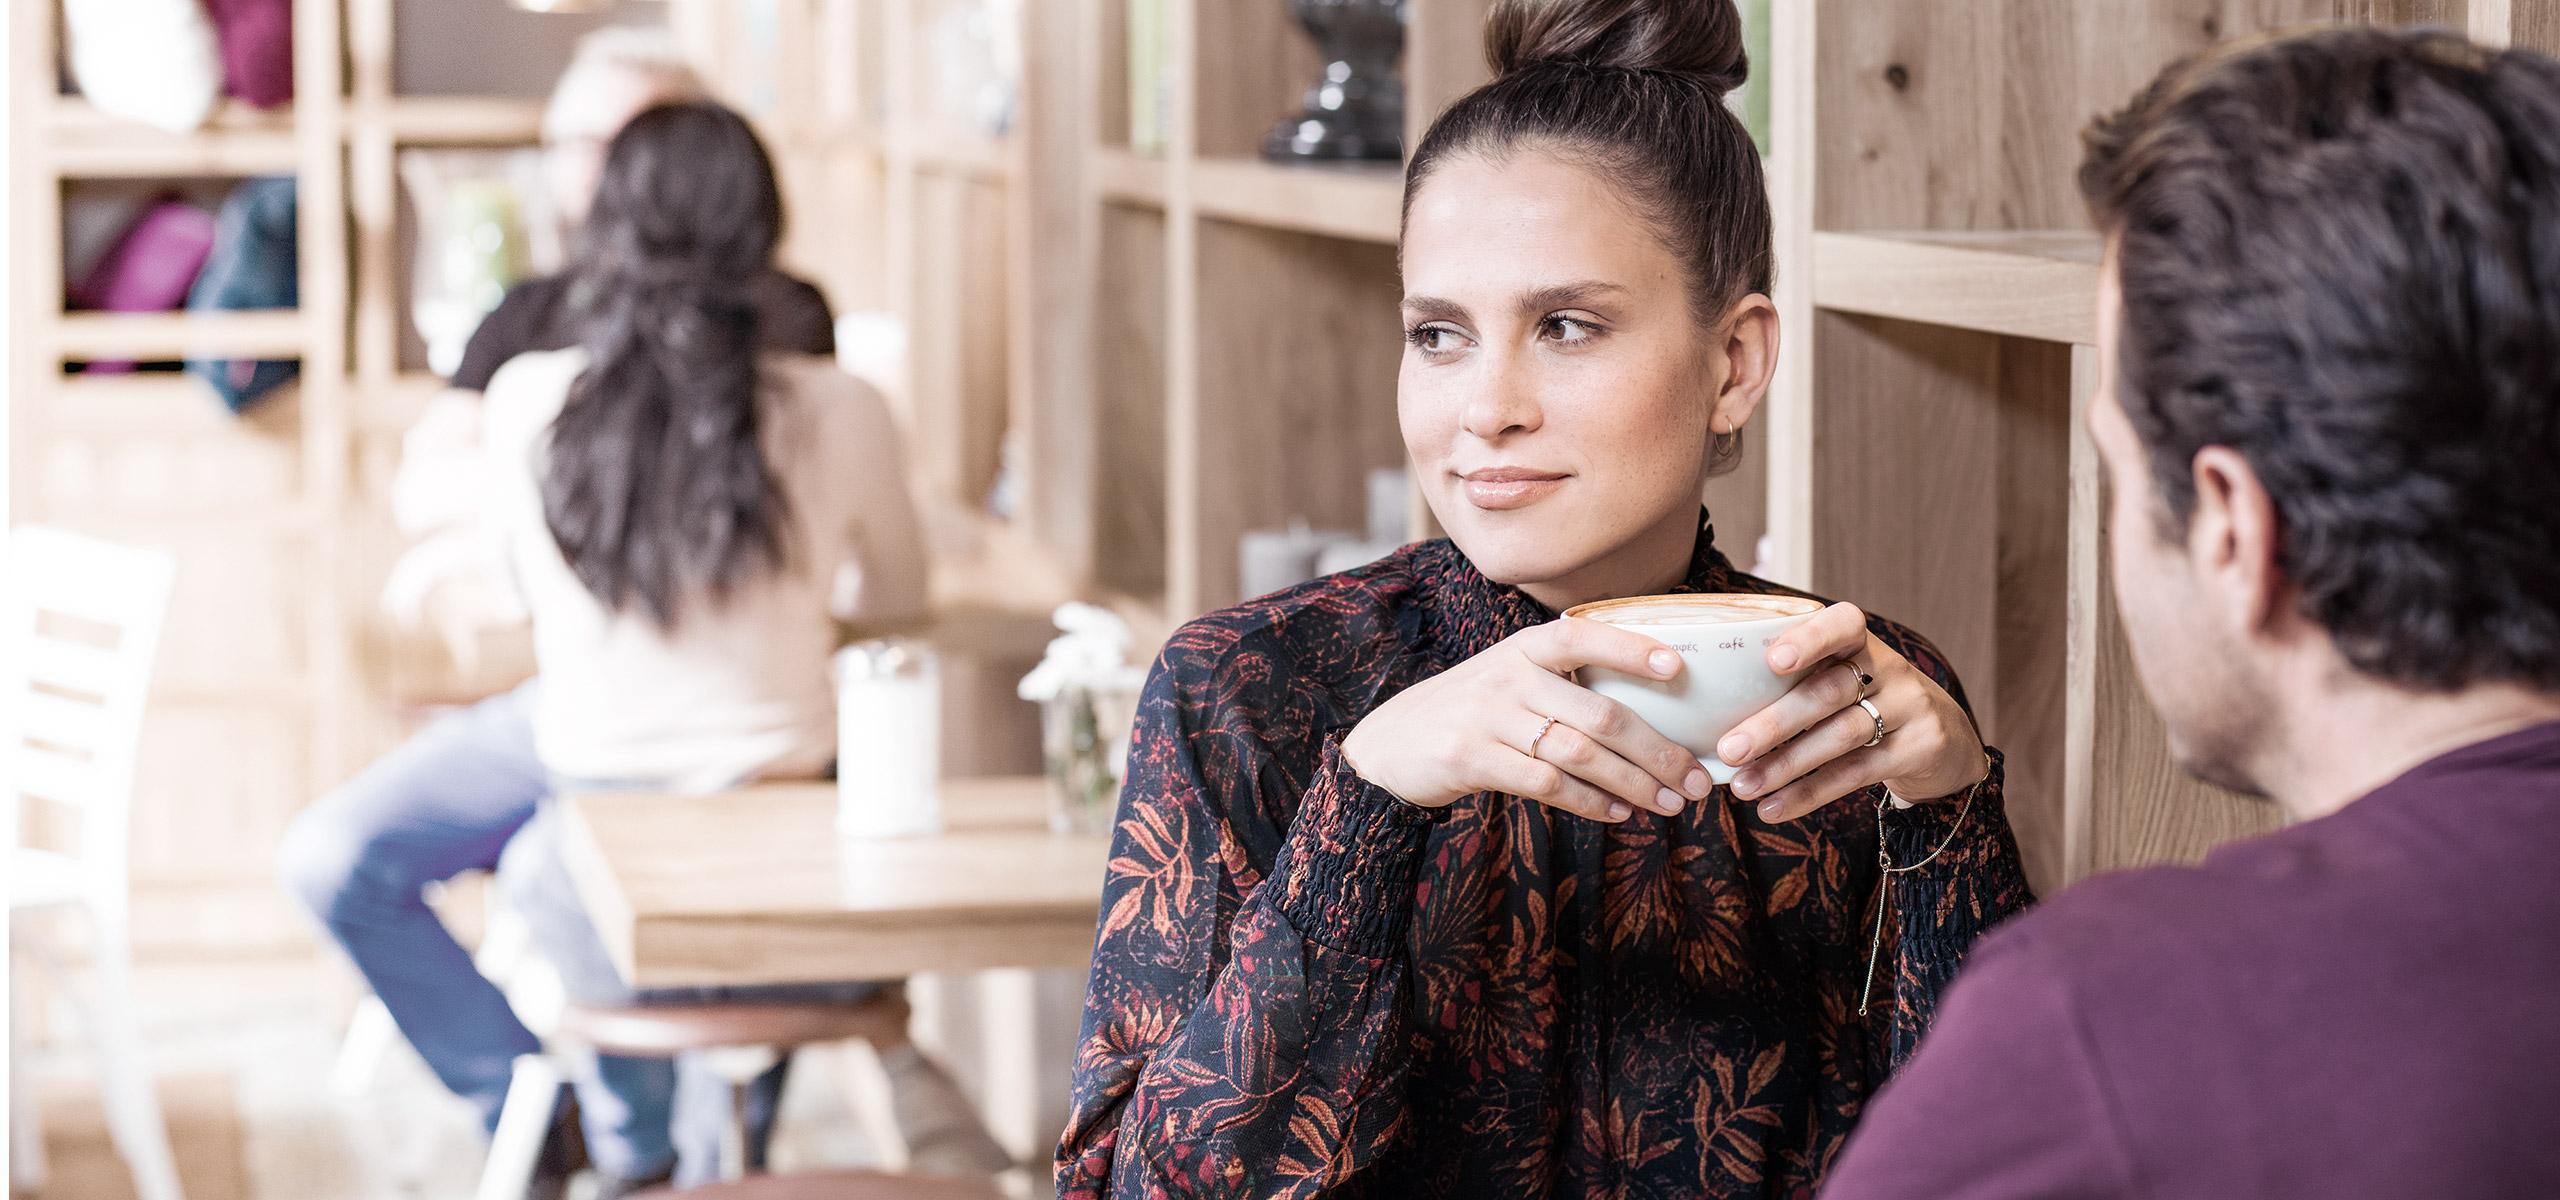 BRITA café casal a beber café